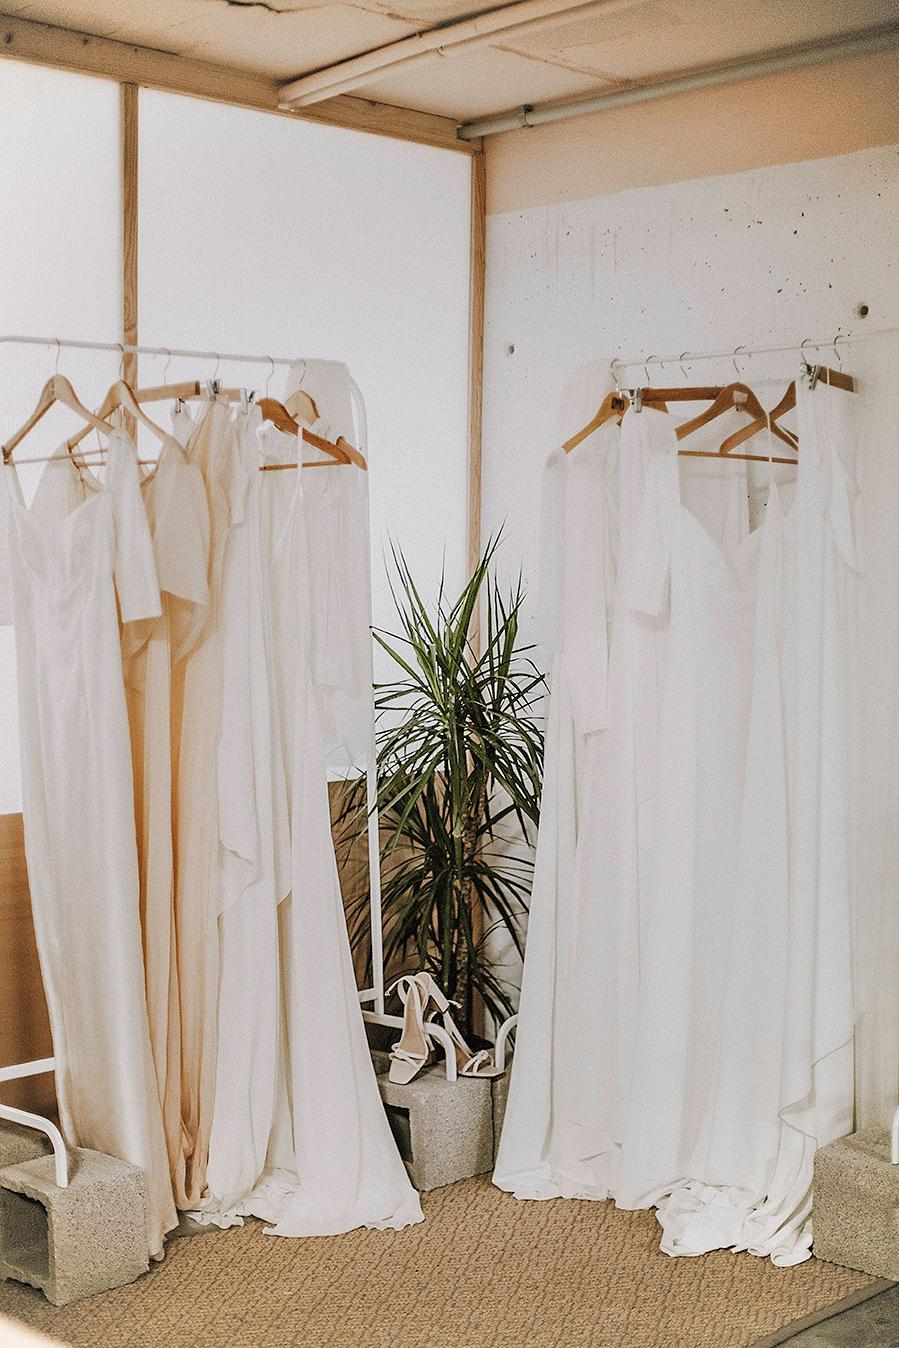 Ines Lacasa Atelier